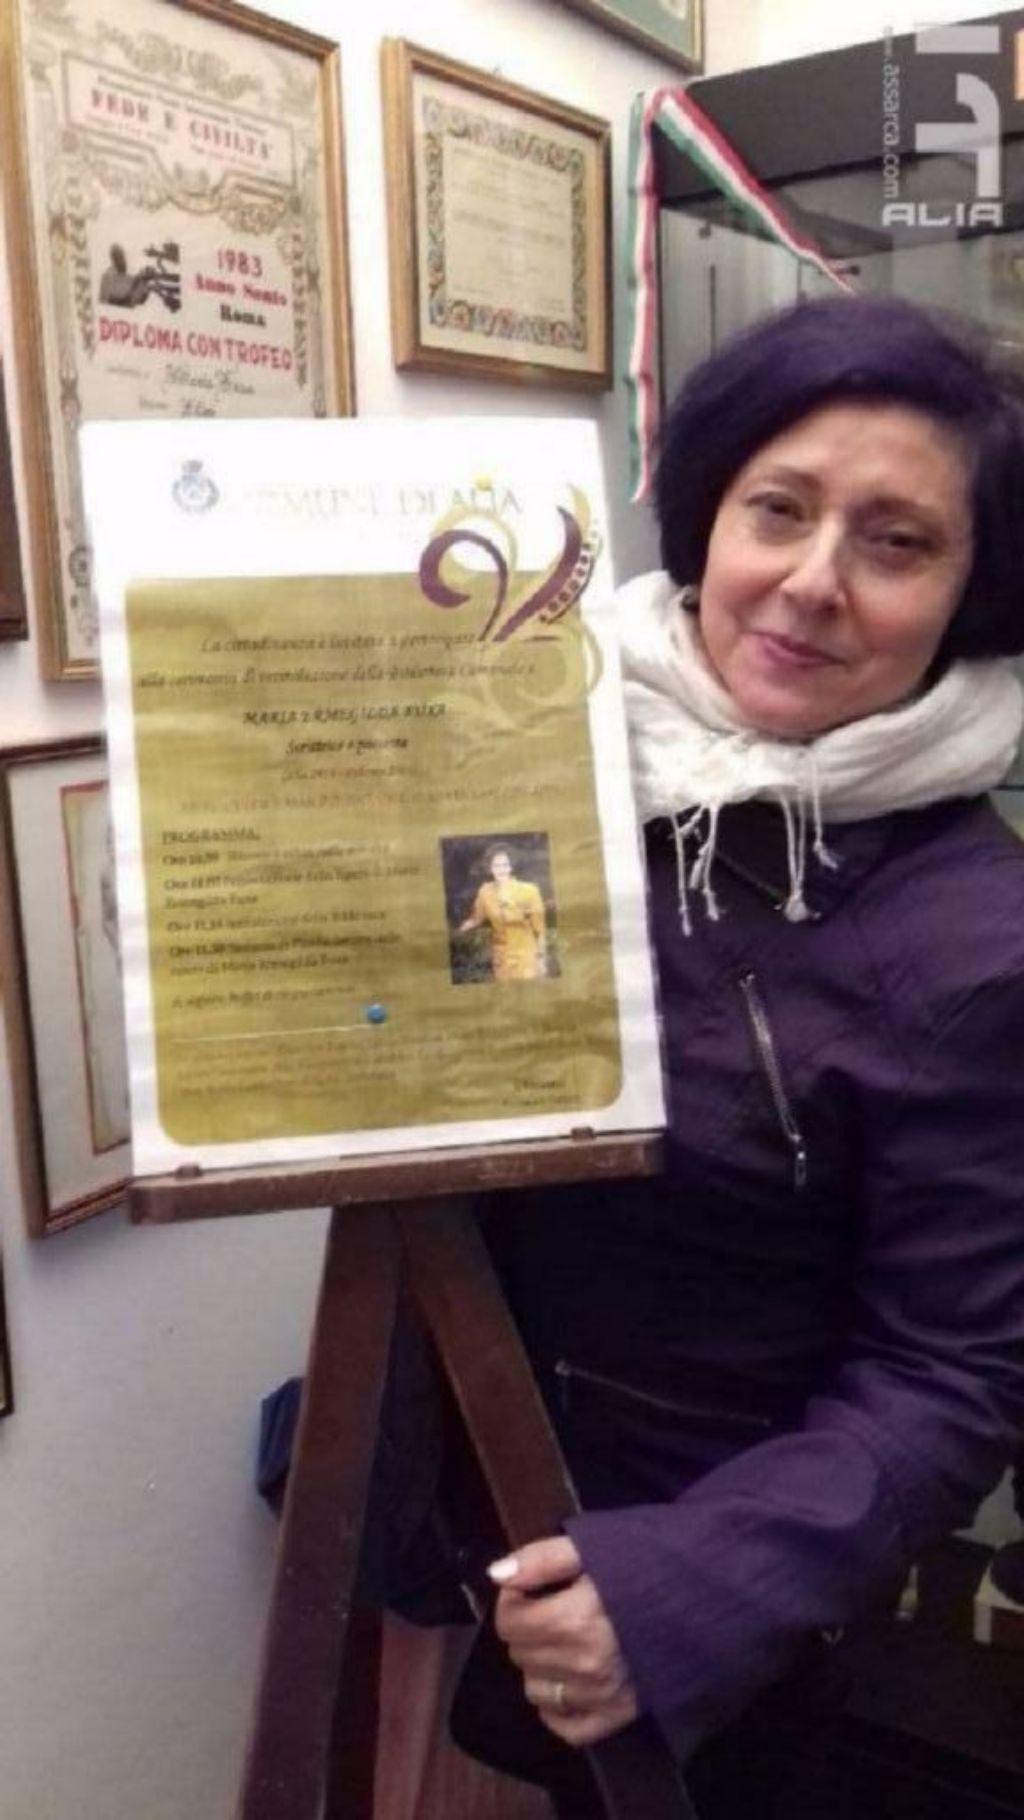 La scrittrice e poetessa Maria Teresa Lentini presente all`inaugurazione della biblioteca  comunale a Maria Fuxa